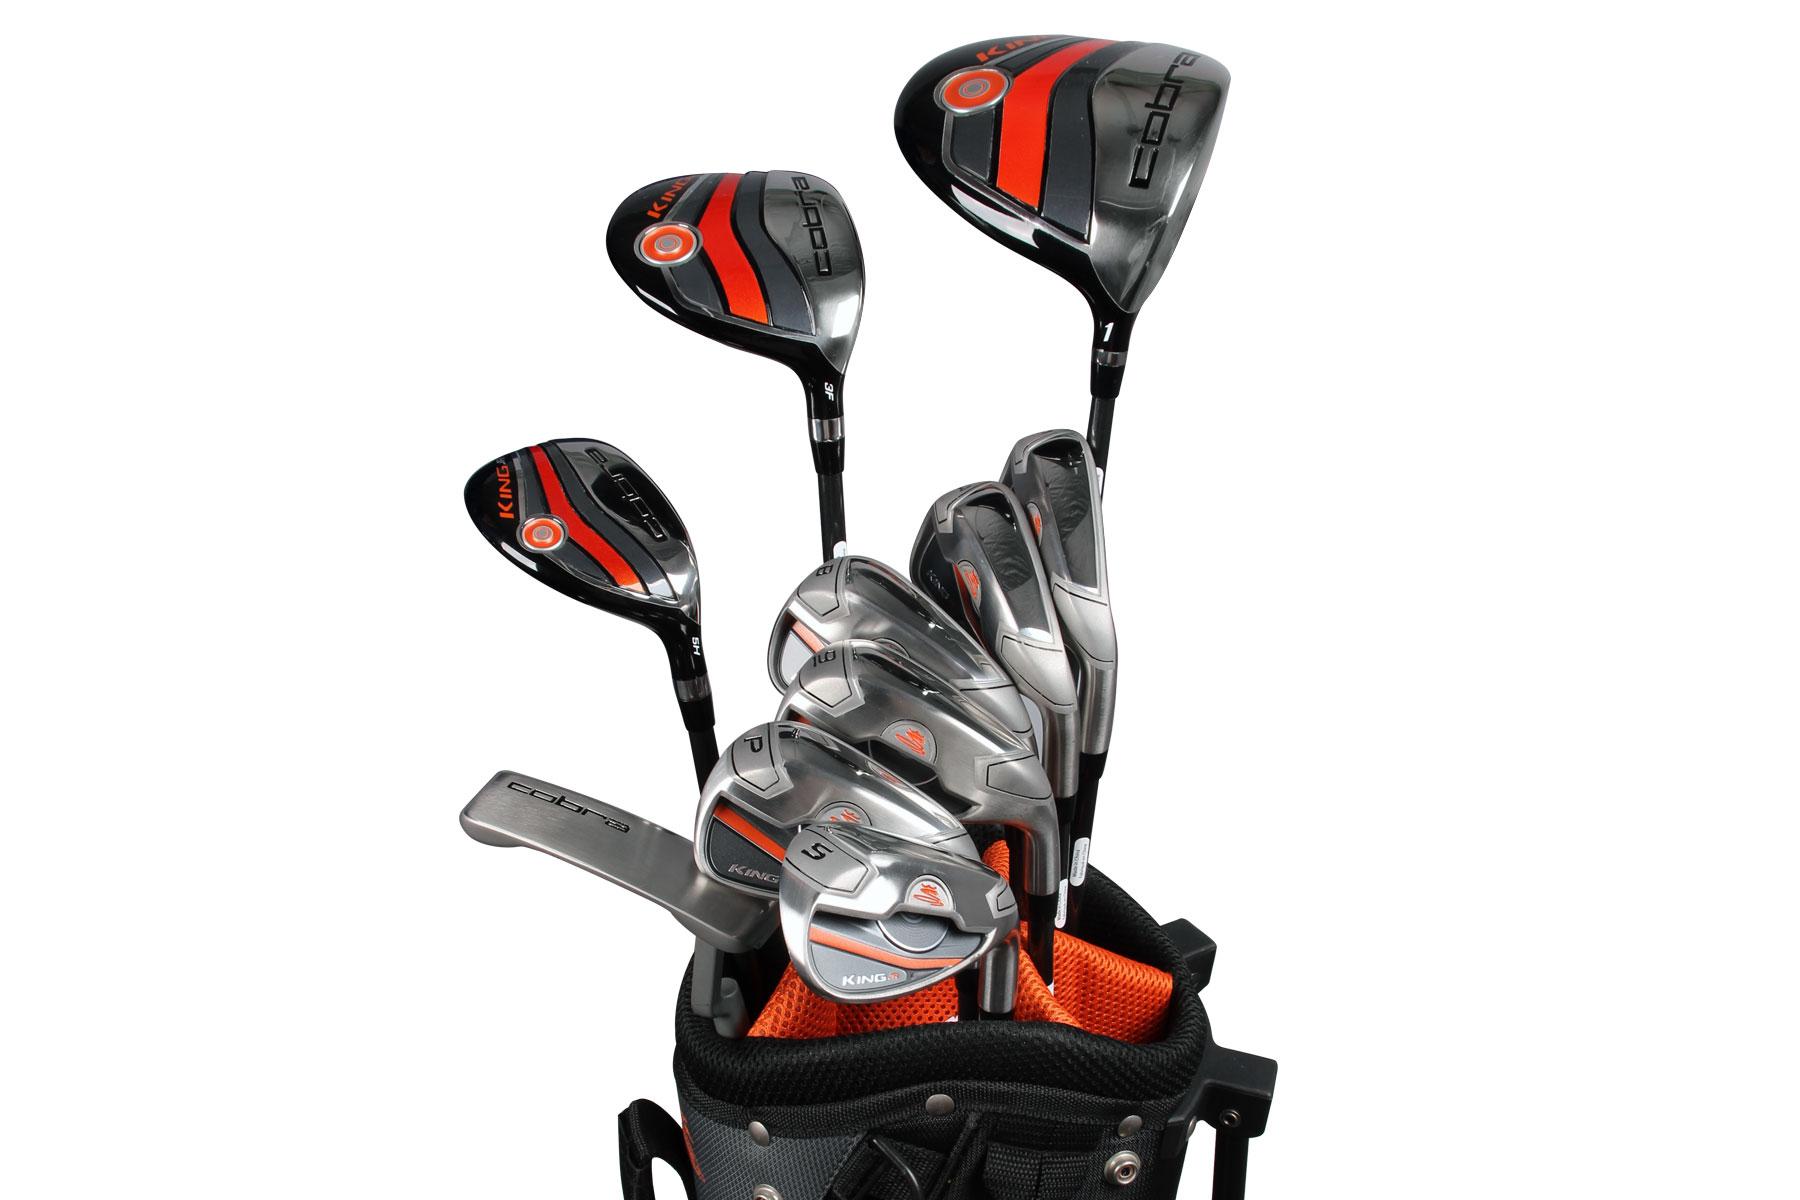 52e5367b3ef6 Cobra Golf King Junior Age 13-15 Package Set   Online Golf